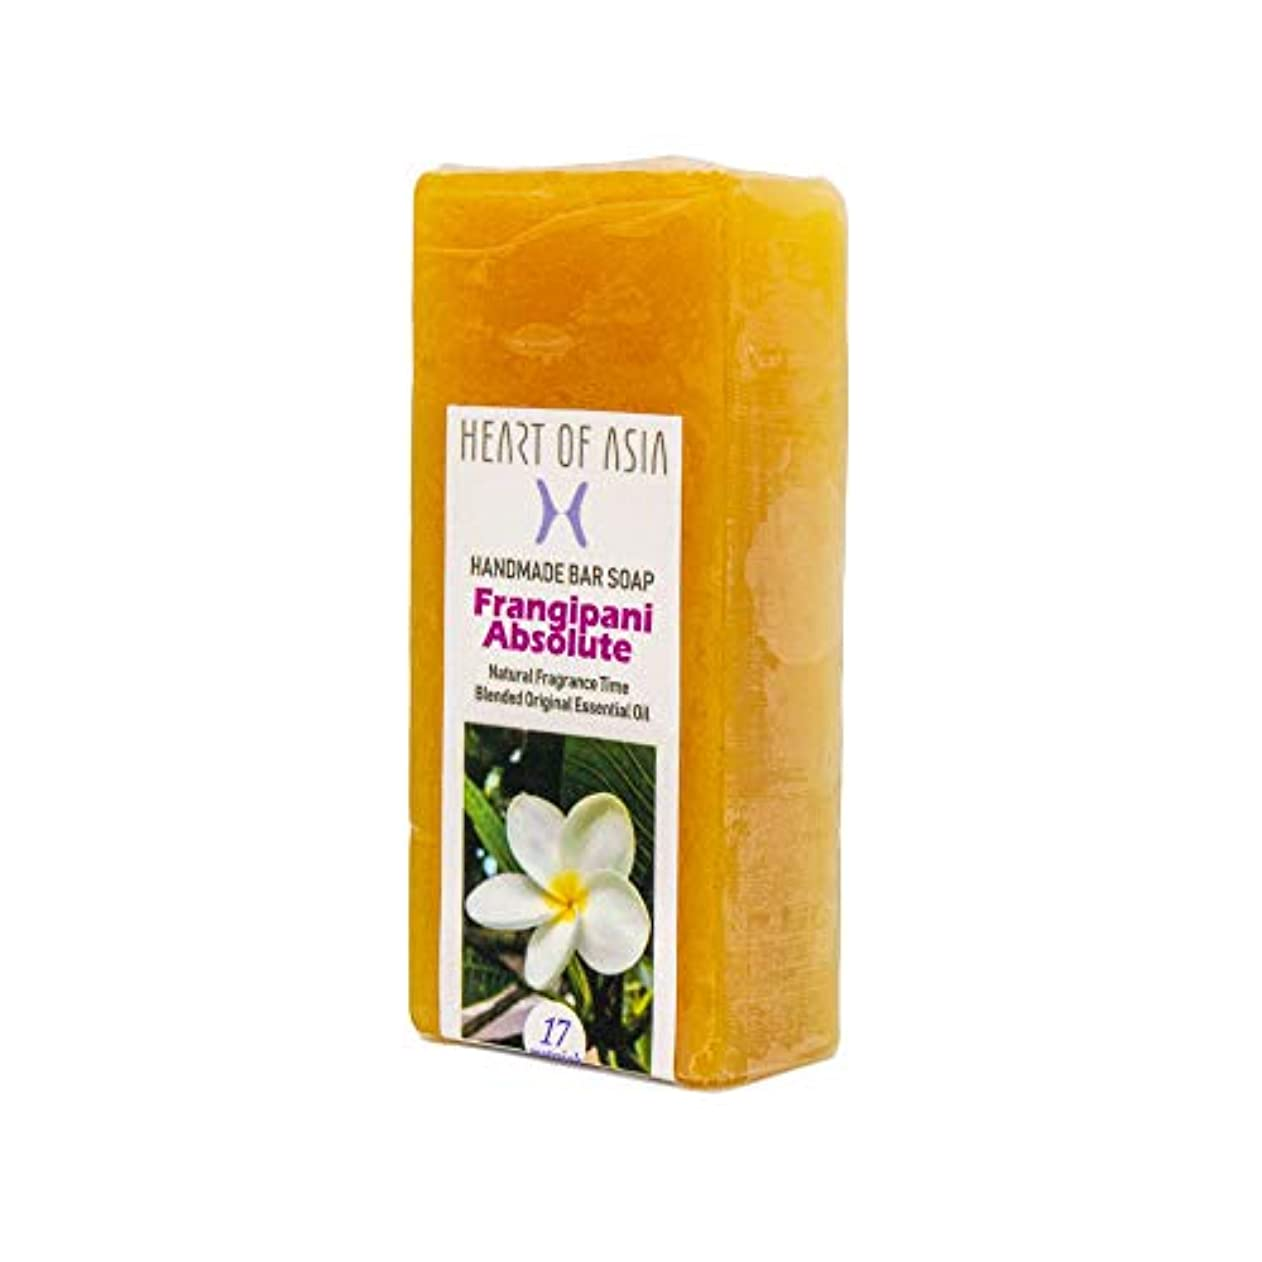 に対していまダイエット香水のようなフレグランス石けん HANDMADE BAR SOAP ~Frangipani Absolute~ (単品)